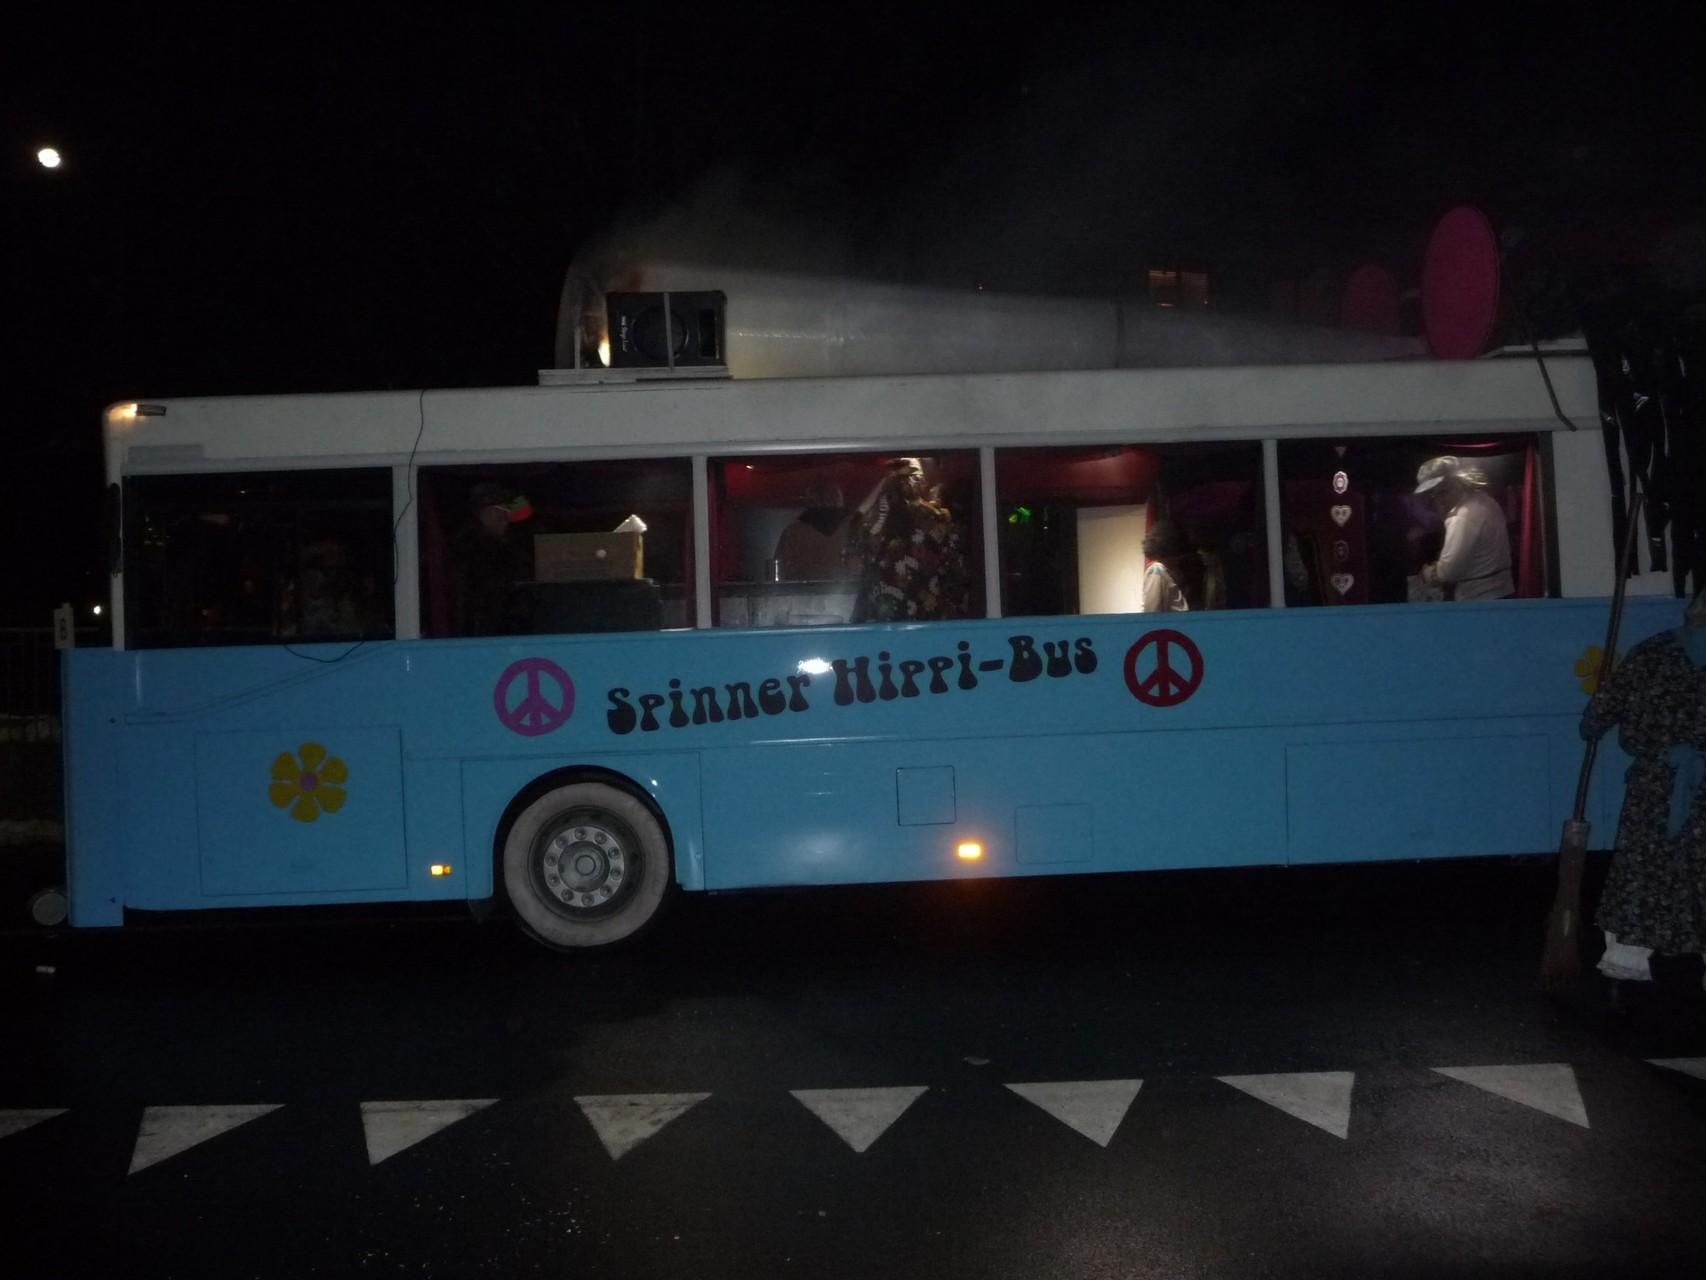 ehrlich - dieser Bus hat mit den Gnomen nichts zu tun .....